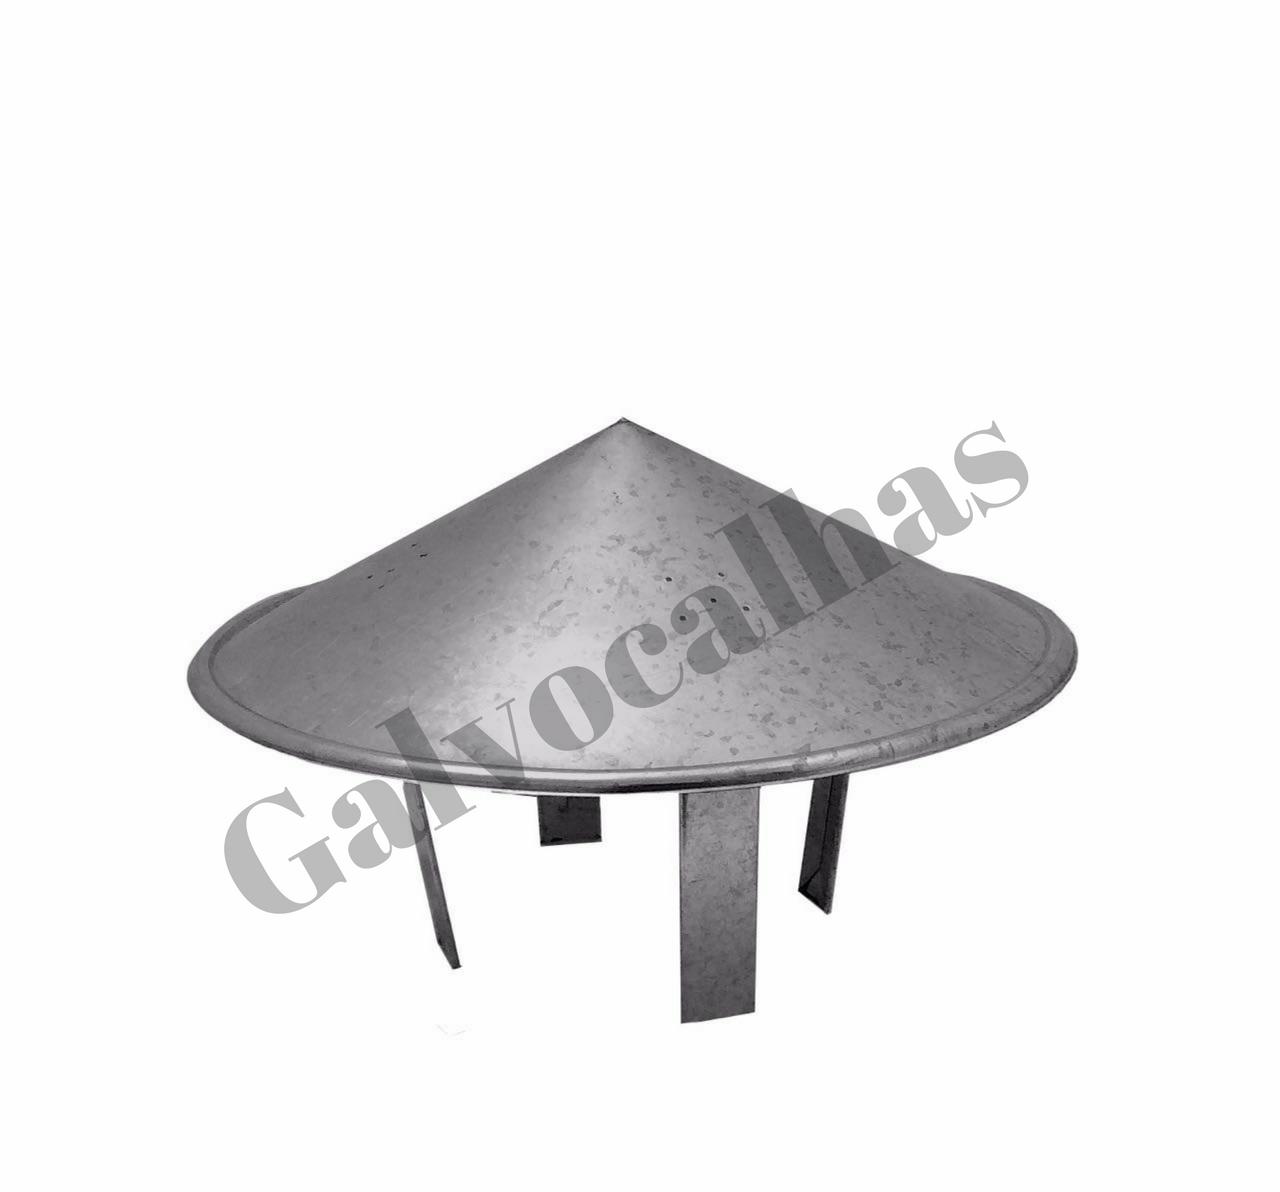 2 metros de duto galvanizado com chapéu para chaminé - Vários diâmetros - Consulte-nos!  - Galvocalhas